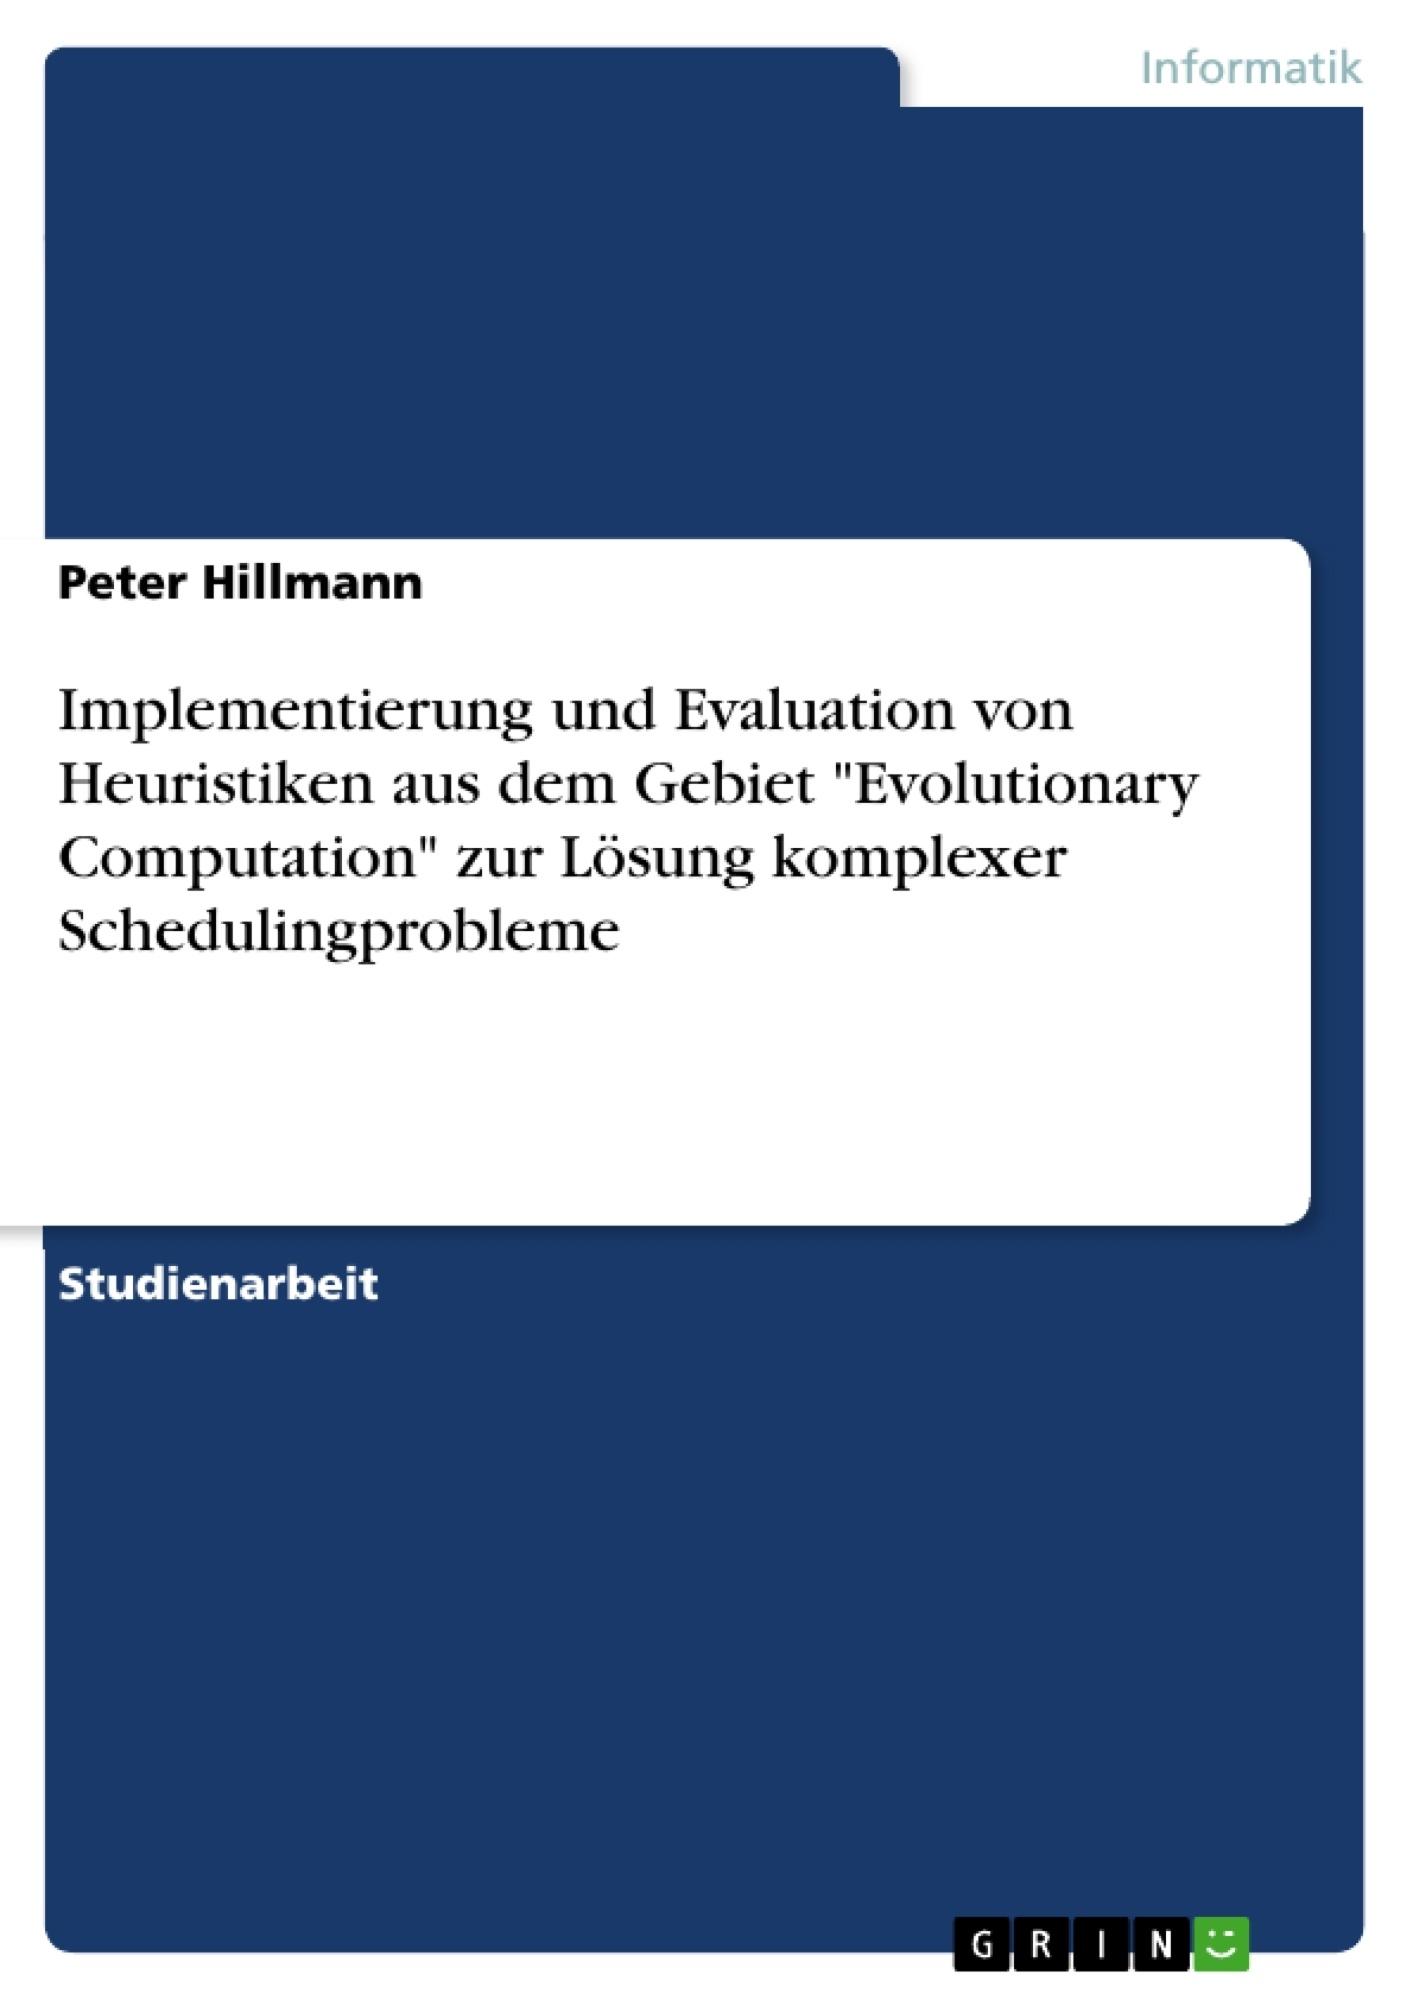 """Titel: Implementierung und Evaluation von Heuristiken aus dem Gebiet """"Evolutionary Computation"""" zur Lösung komplexer Schedulingprobleme"""